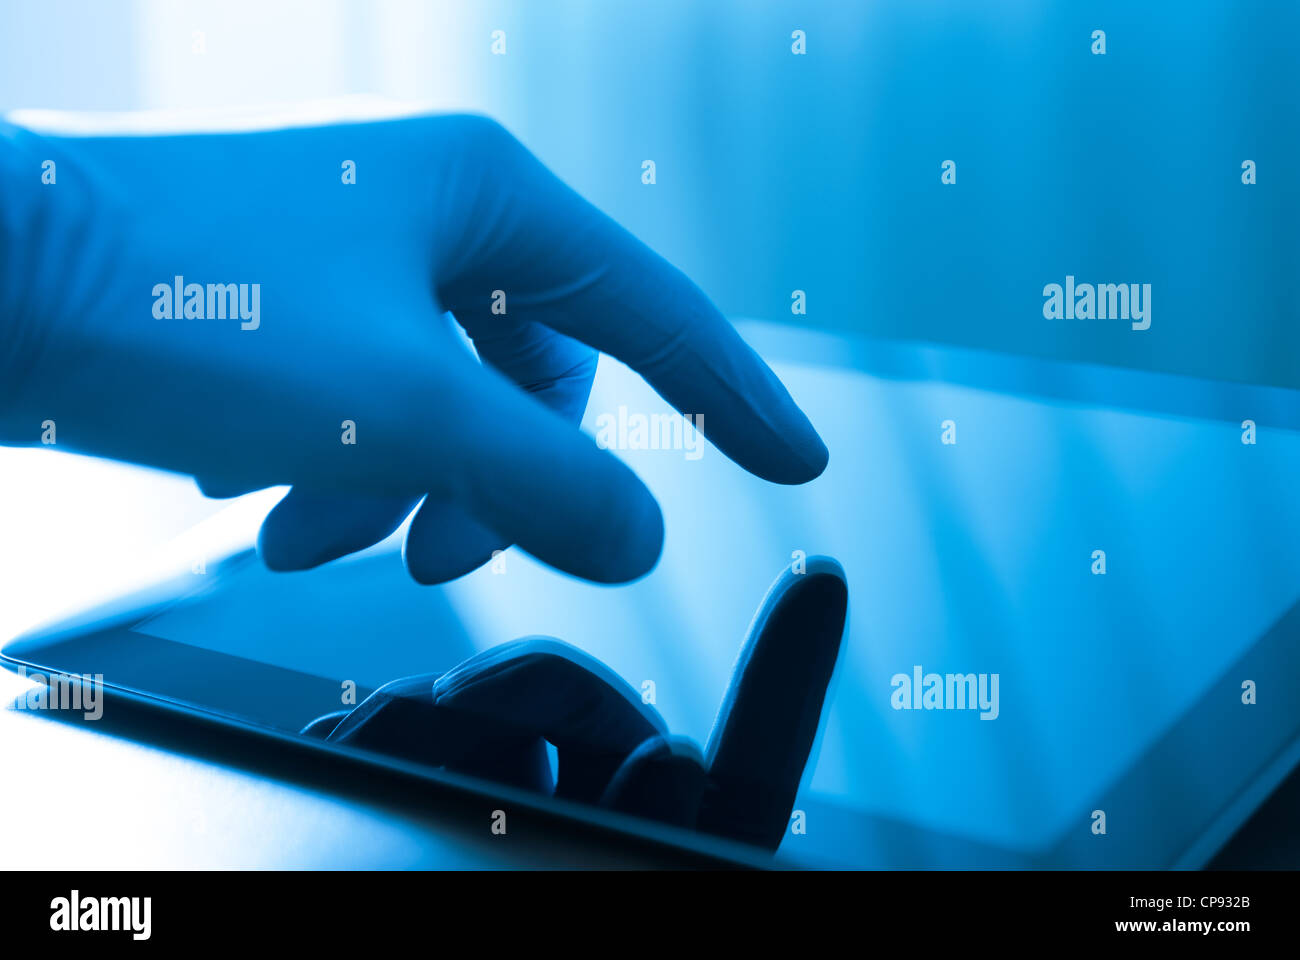 Hand in der blauen Handschuh moderne digital-Tablette zu berühren. Konzept-Bild auf medizinische oder Forschungsthema. Stockbild